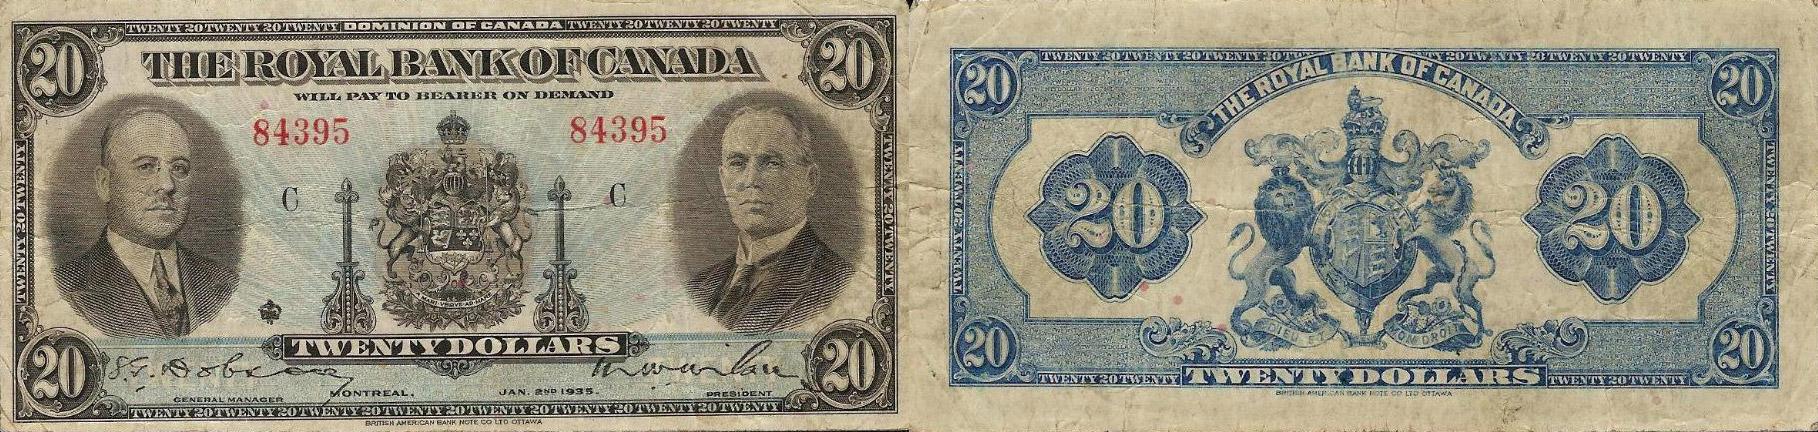 20 dollars 1935 - Royal Bank of Canada banknotes